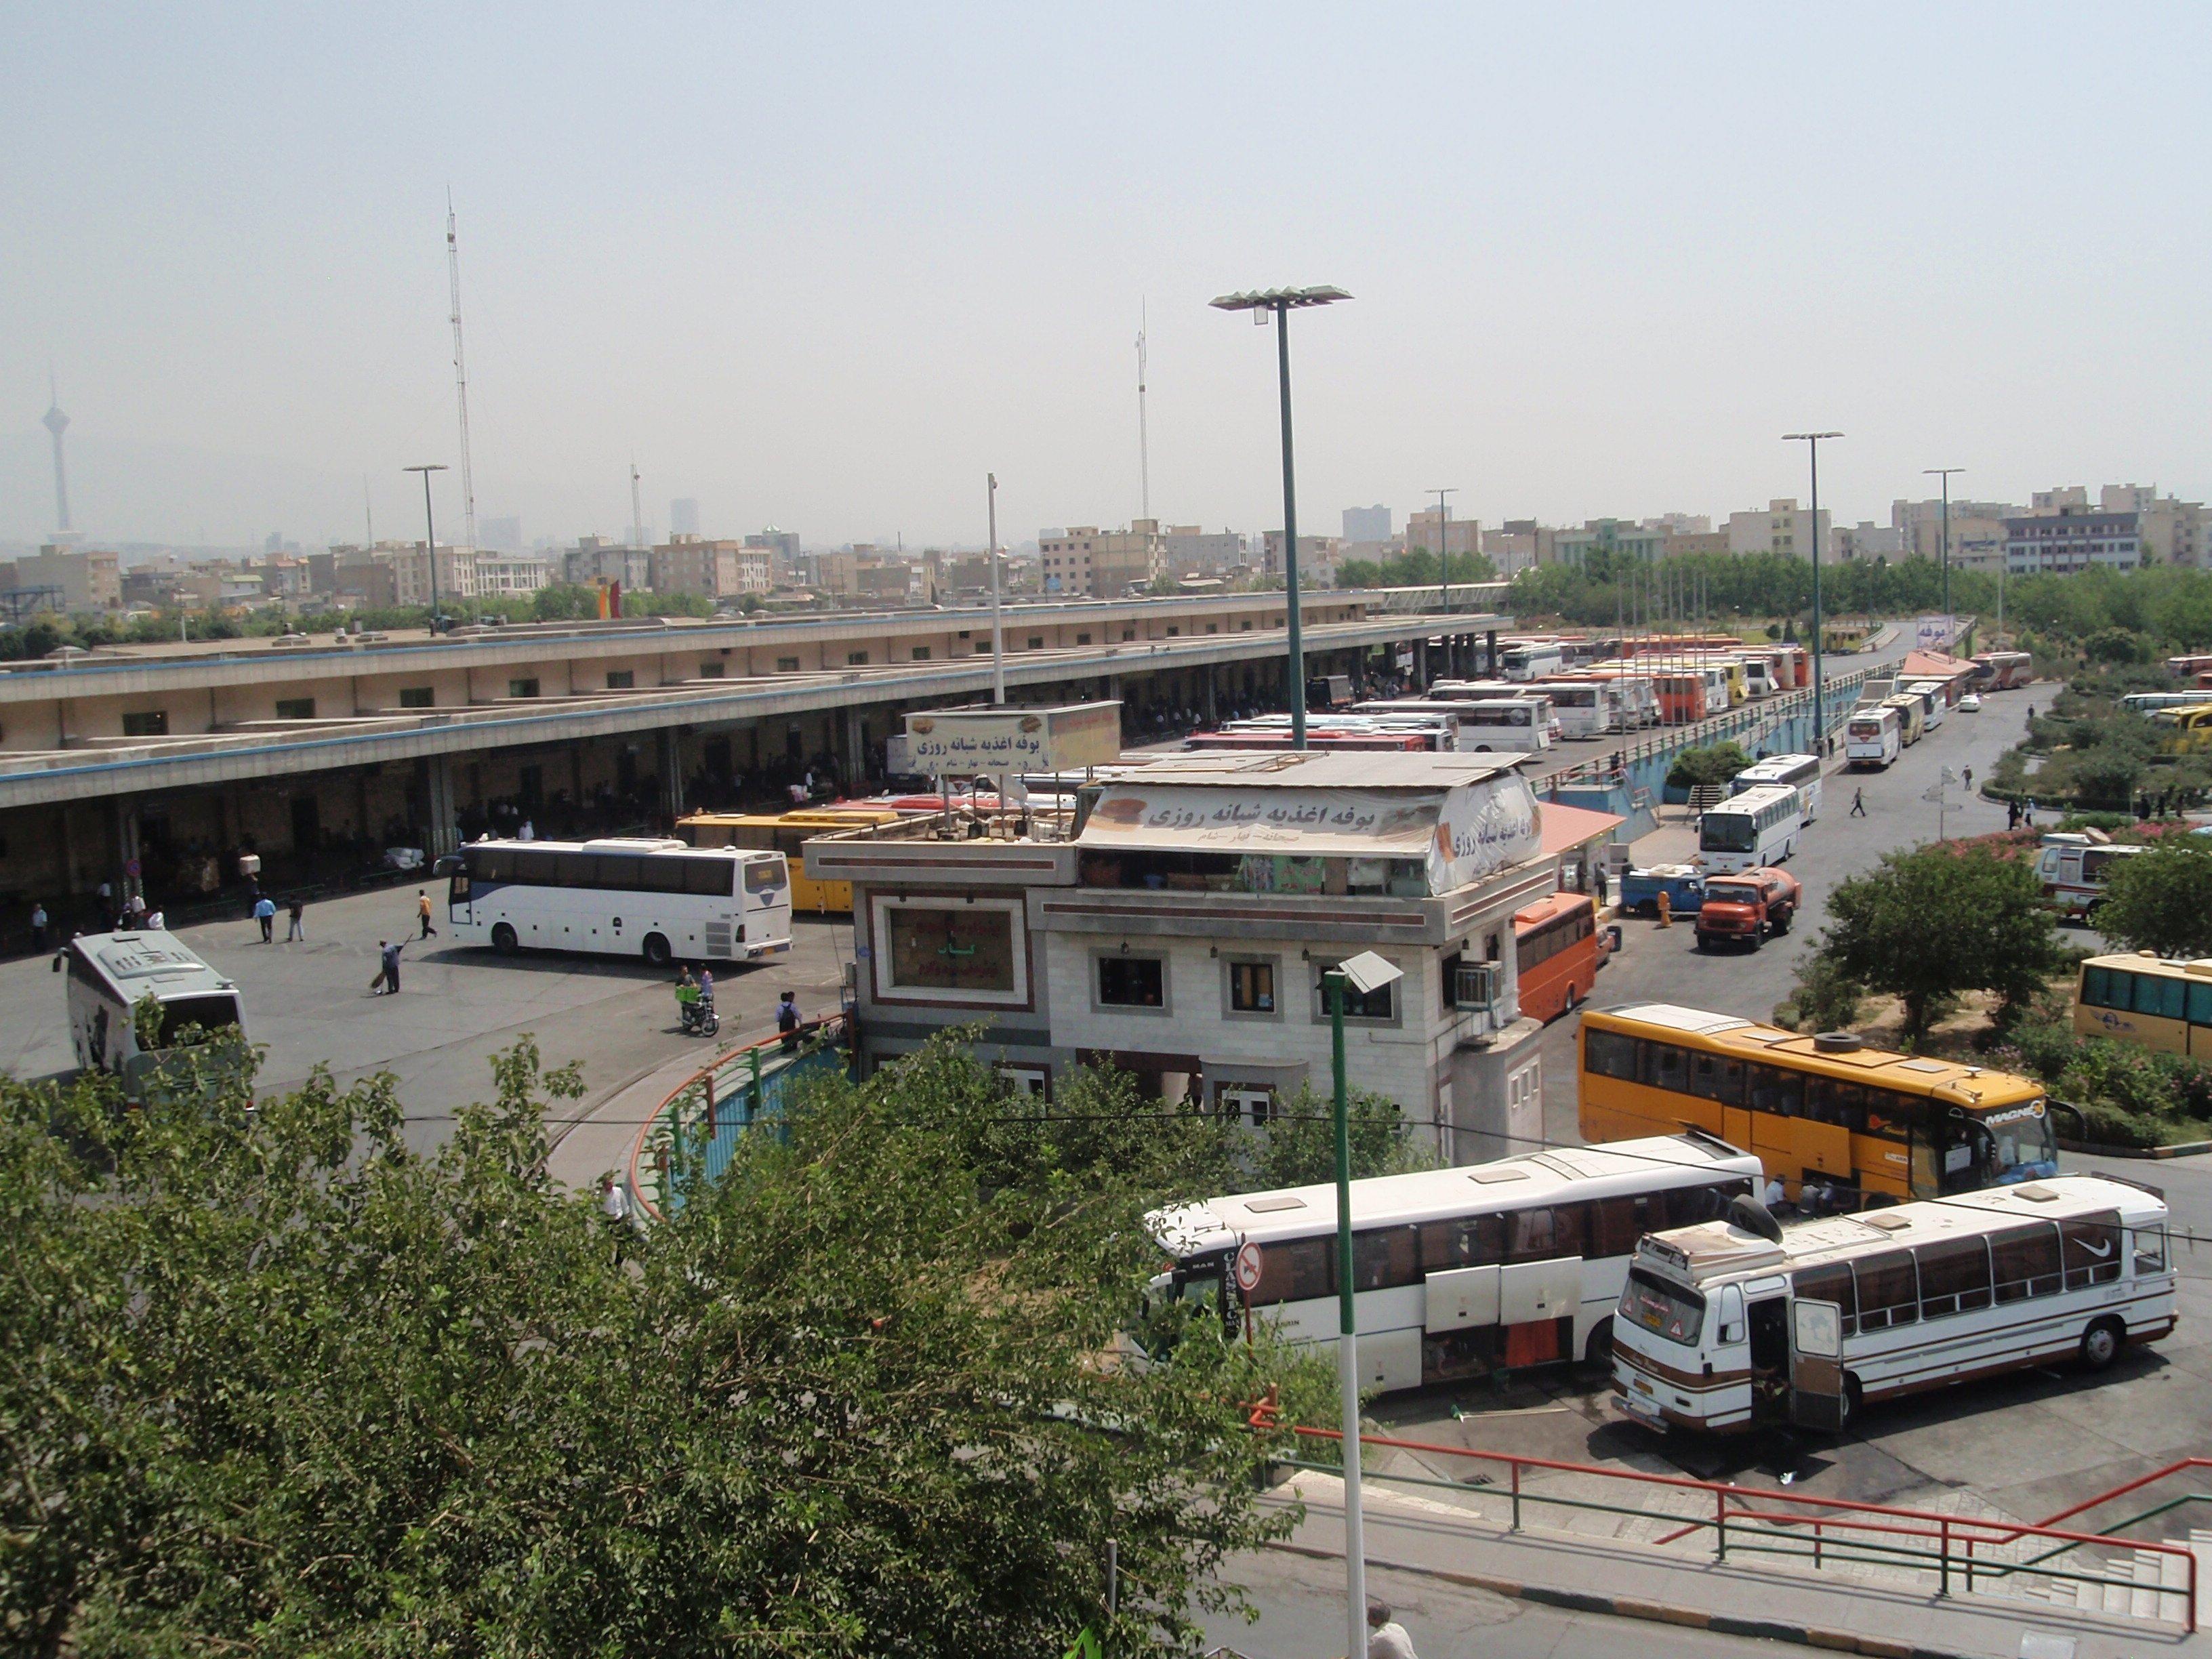 دانشجویان و طلاب ابهر خواستار پاسخگویی مسئولان در خصوص مشکلات حمل و نقل ابهر شدند